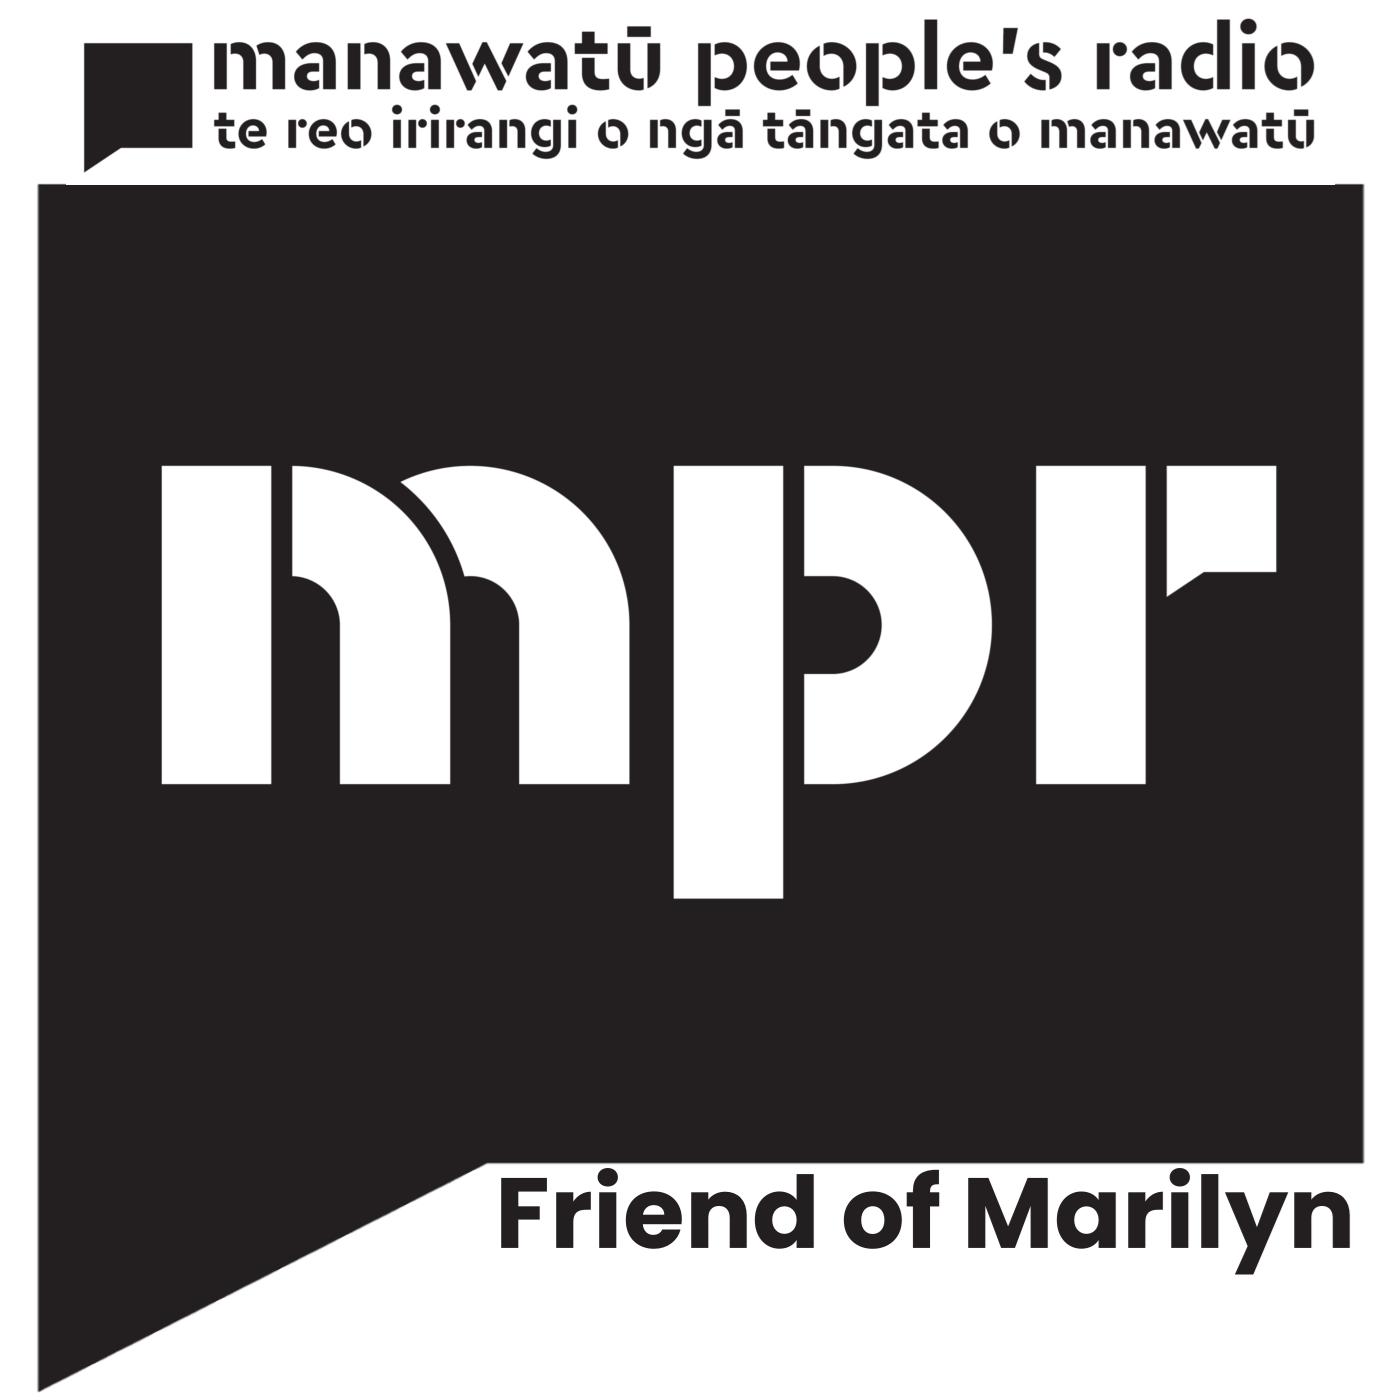 Friend Of Marilyn Episode 239 - 17-07-2018